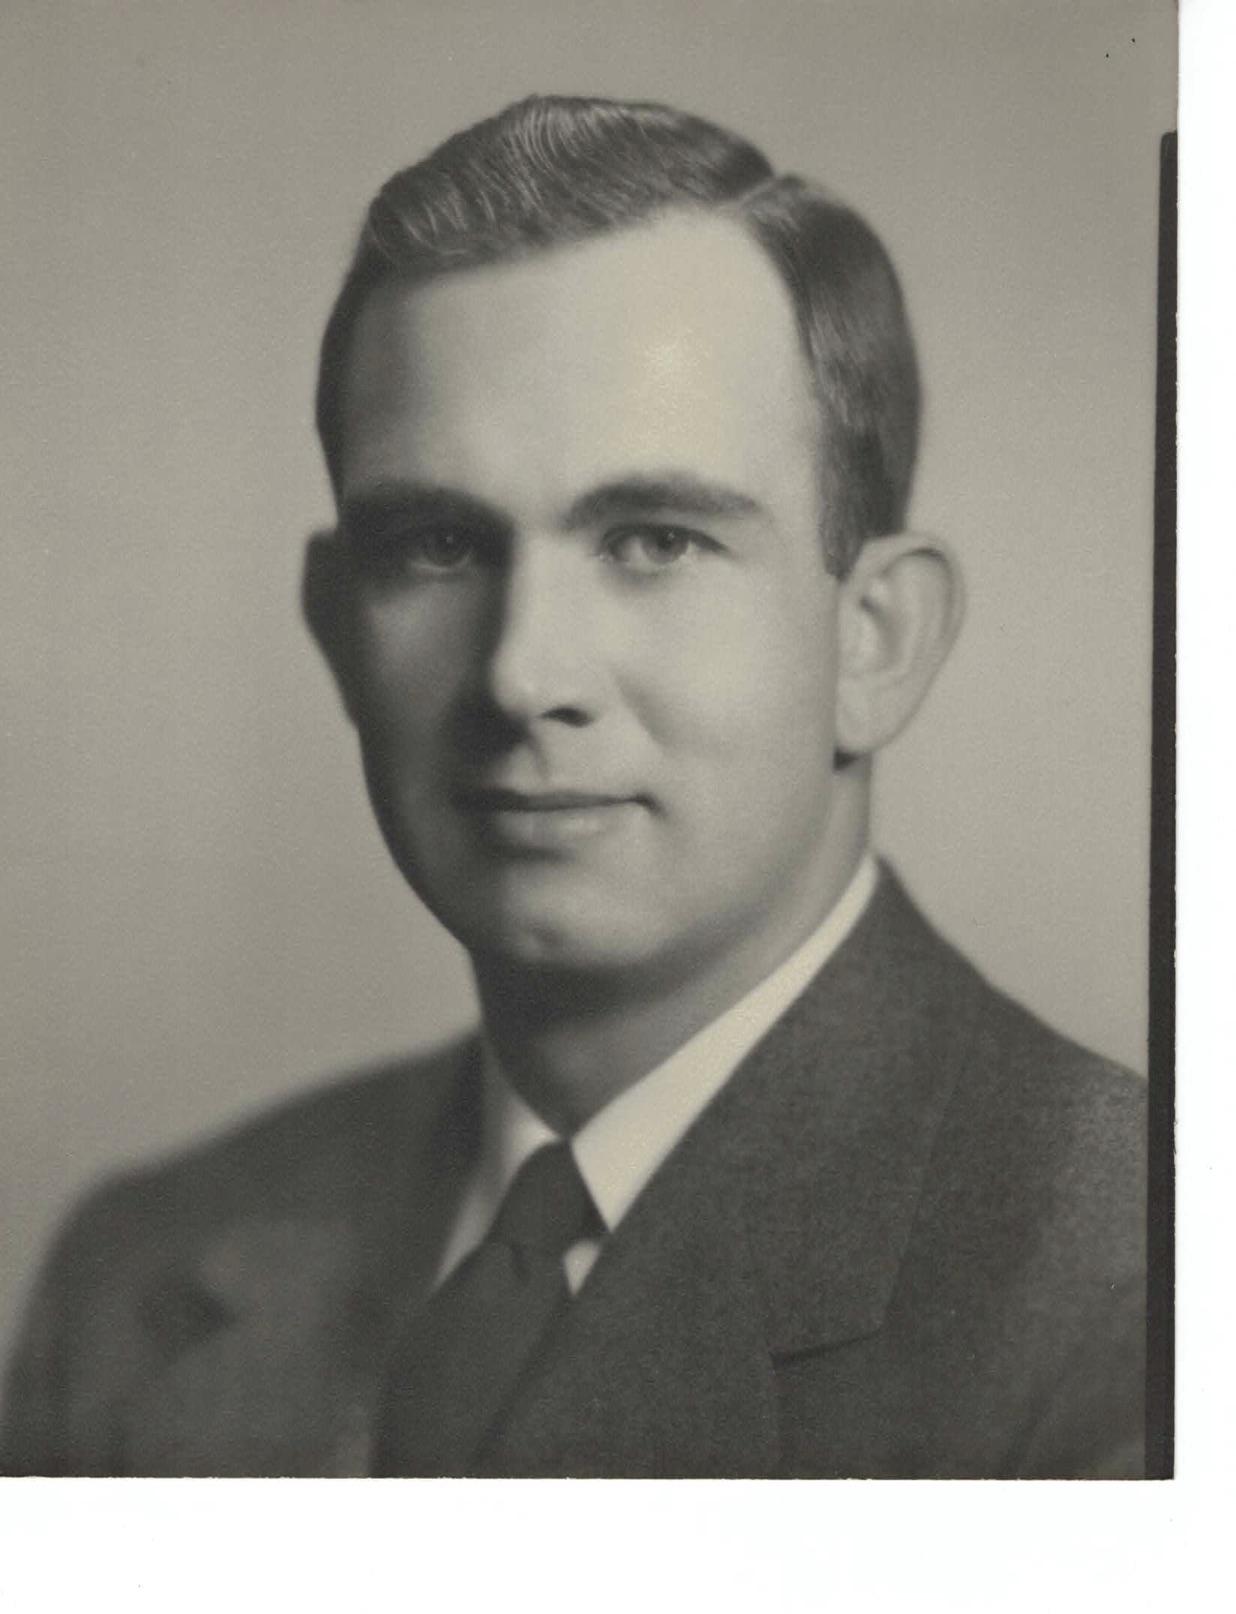 A. MACK LUNDIN 1946-47